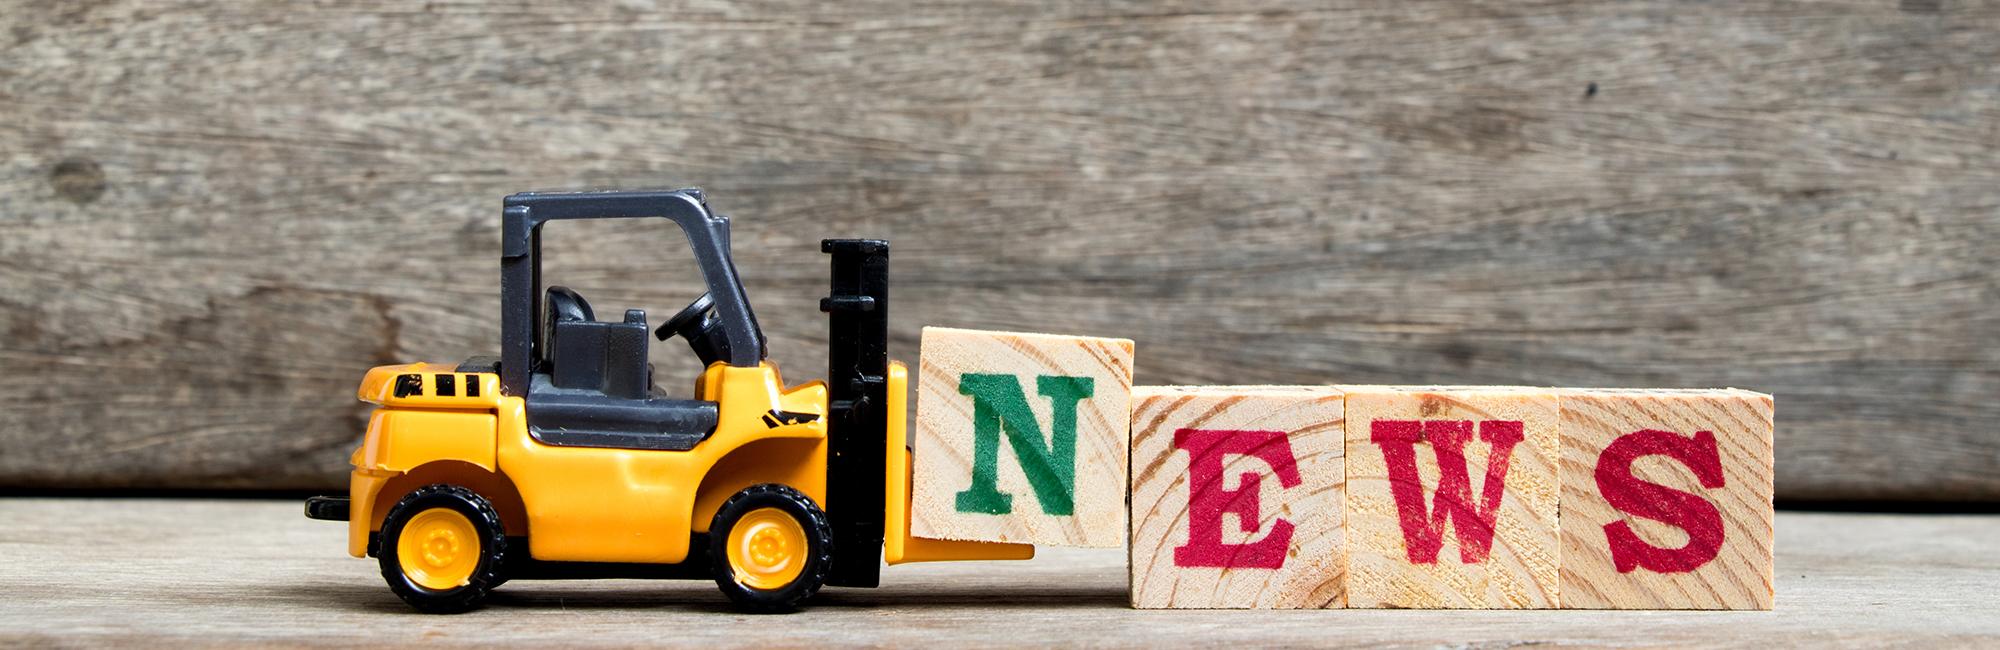 Forklift carrying blocks spelling 'news'